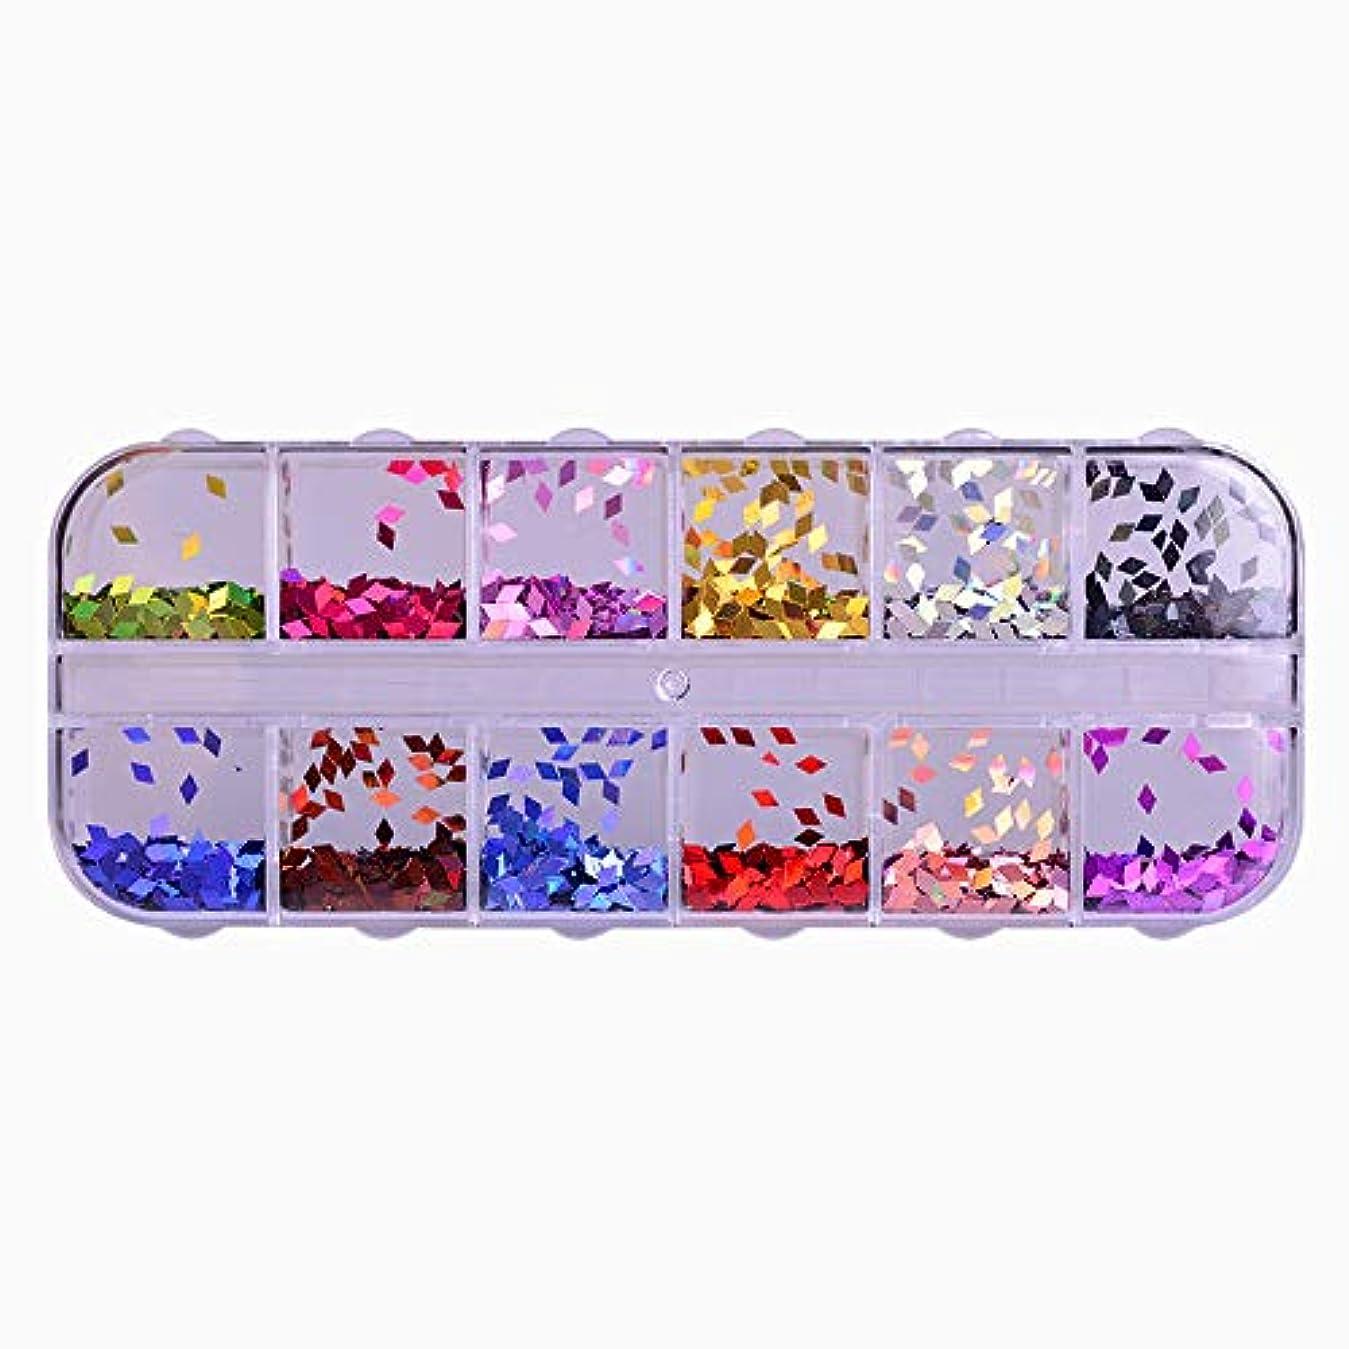 関係ない強大な維持12 Color Rhombus Laser Sequin Nail Art Sparkly Slice Paillette 3D Salon Decor Accessory for DIY Glitter Flake...